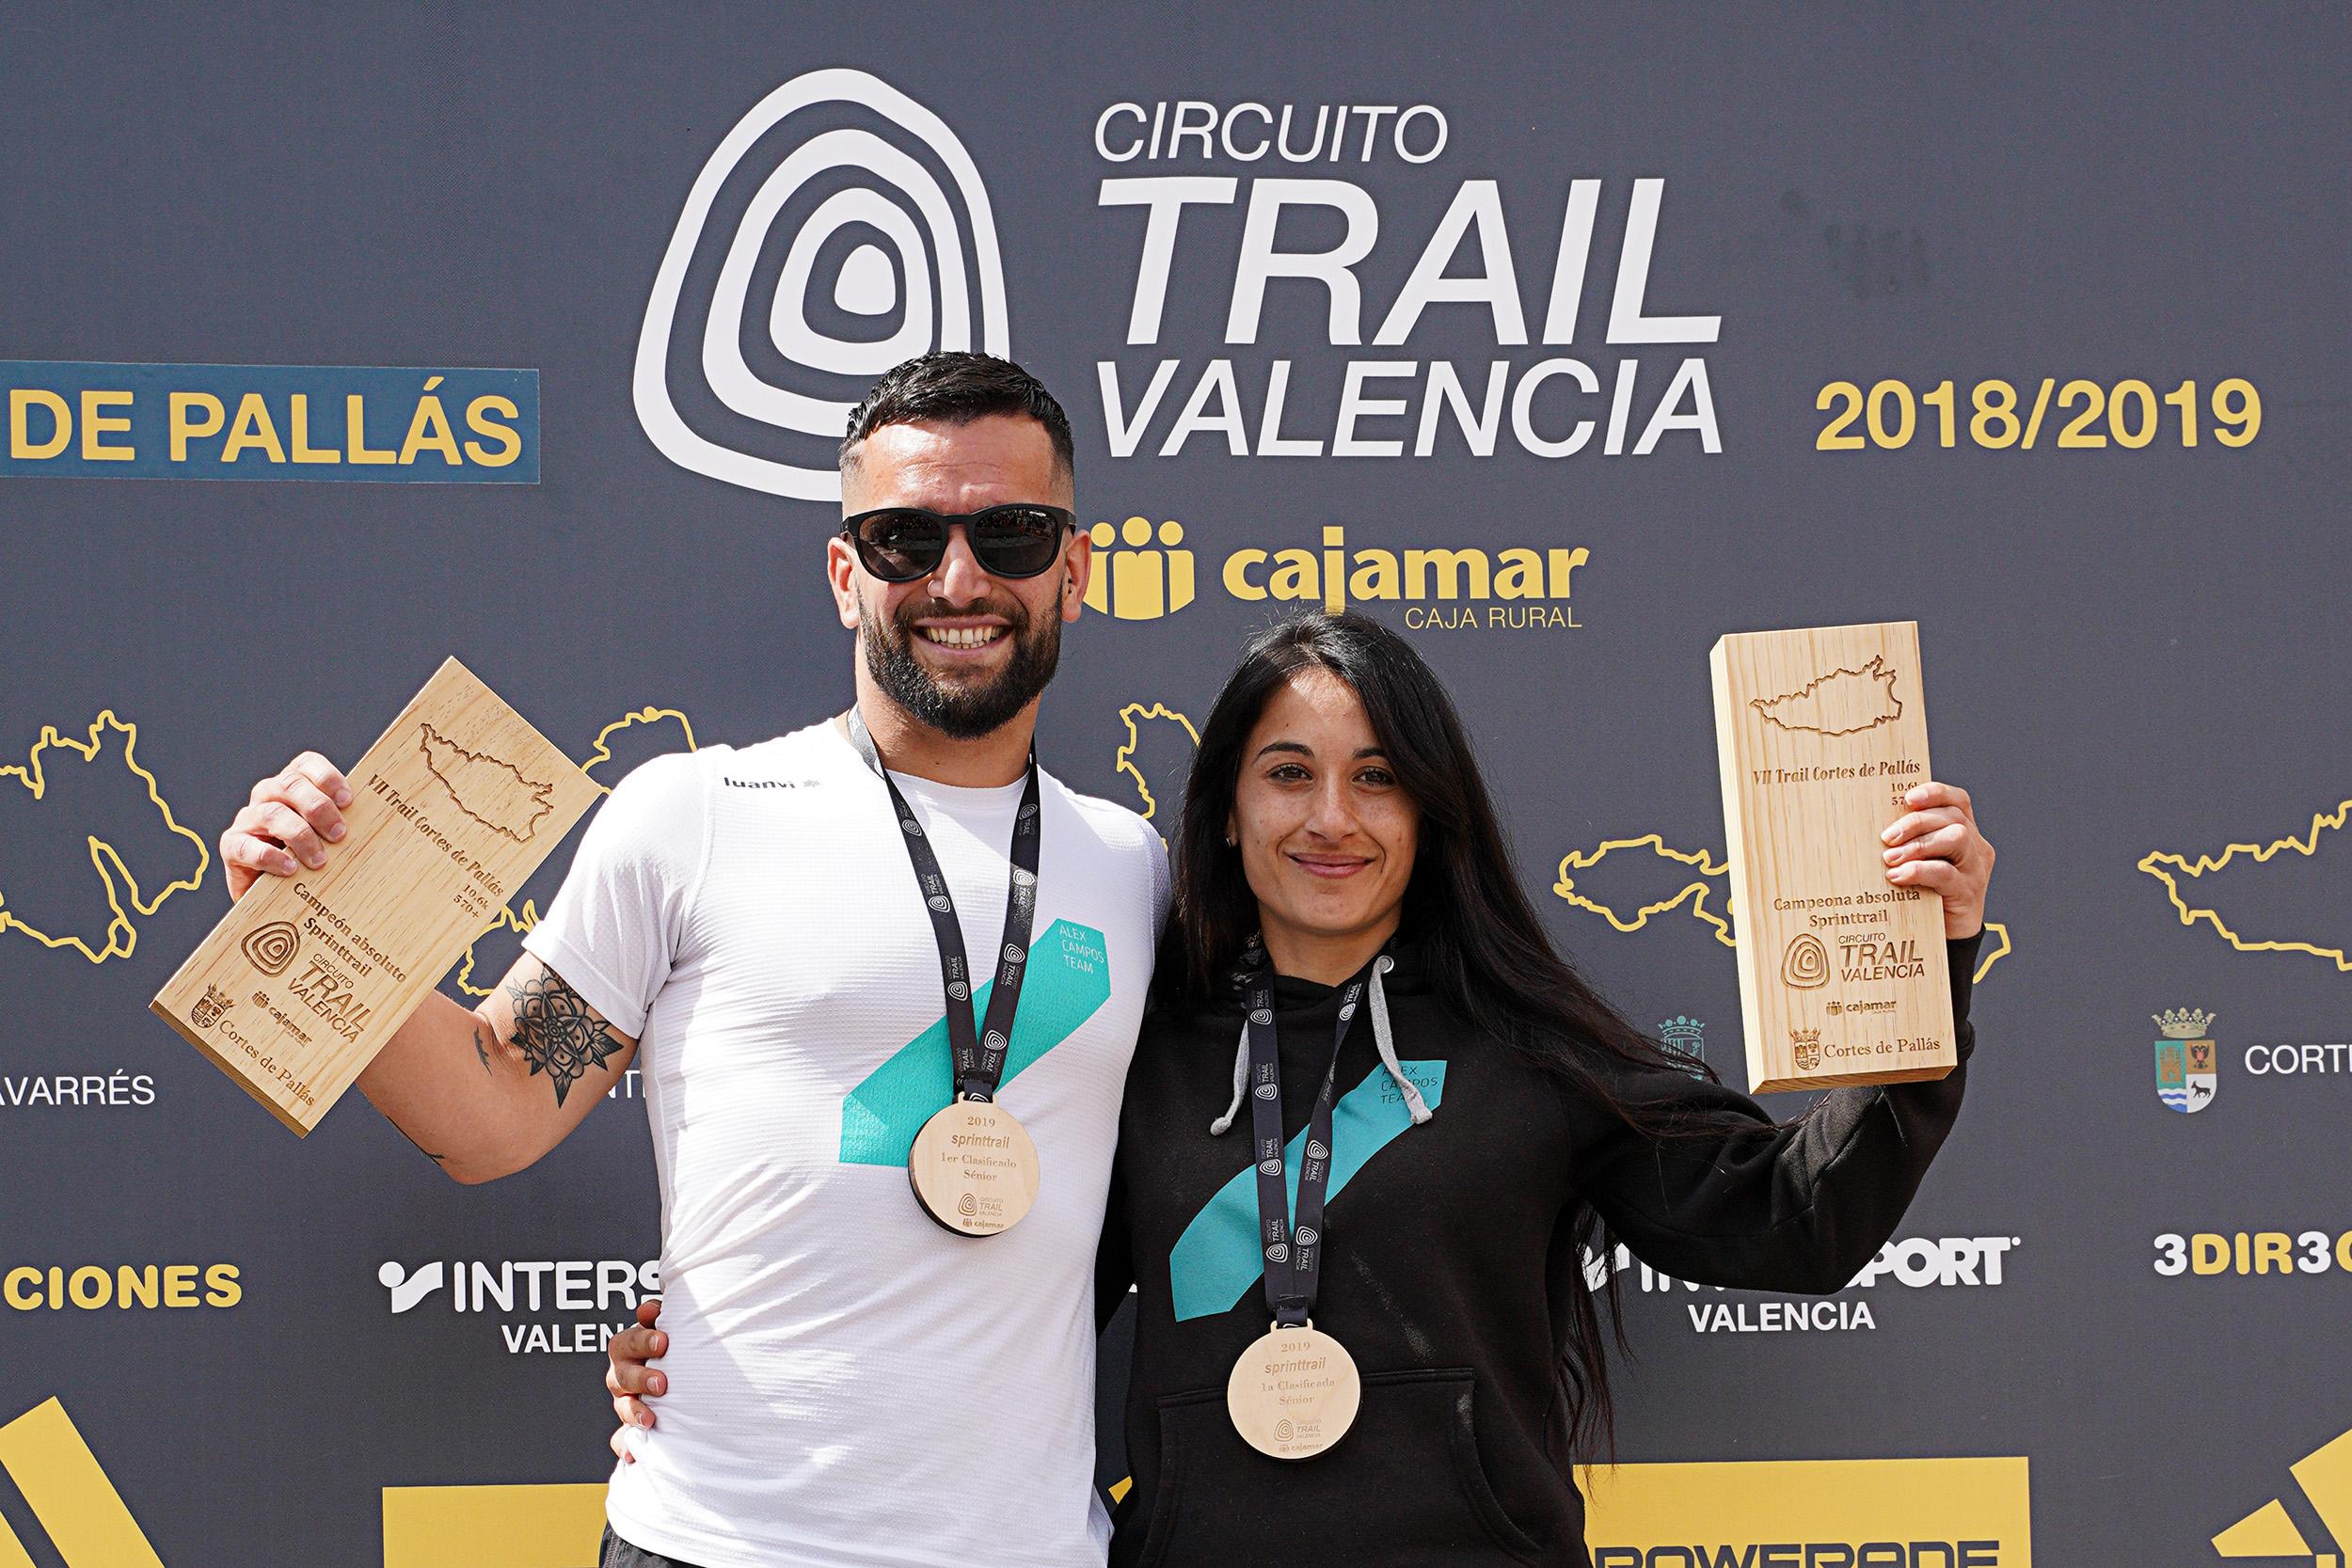 Ganadores sprinttrail y CTV18-19, hoy en Cortes de Pallás.